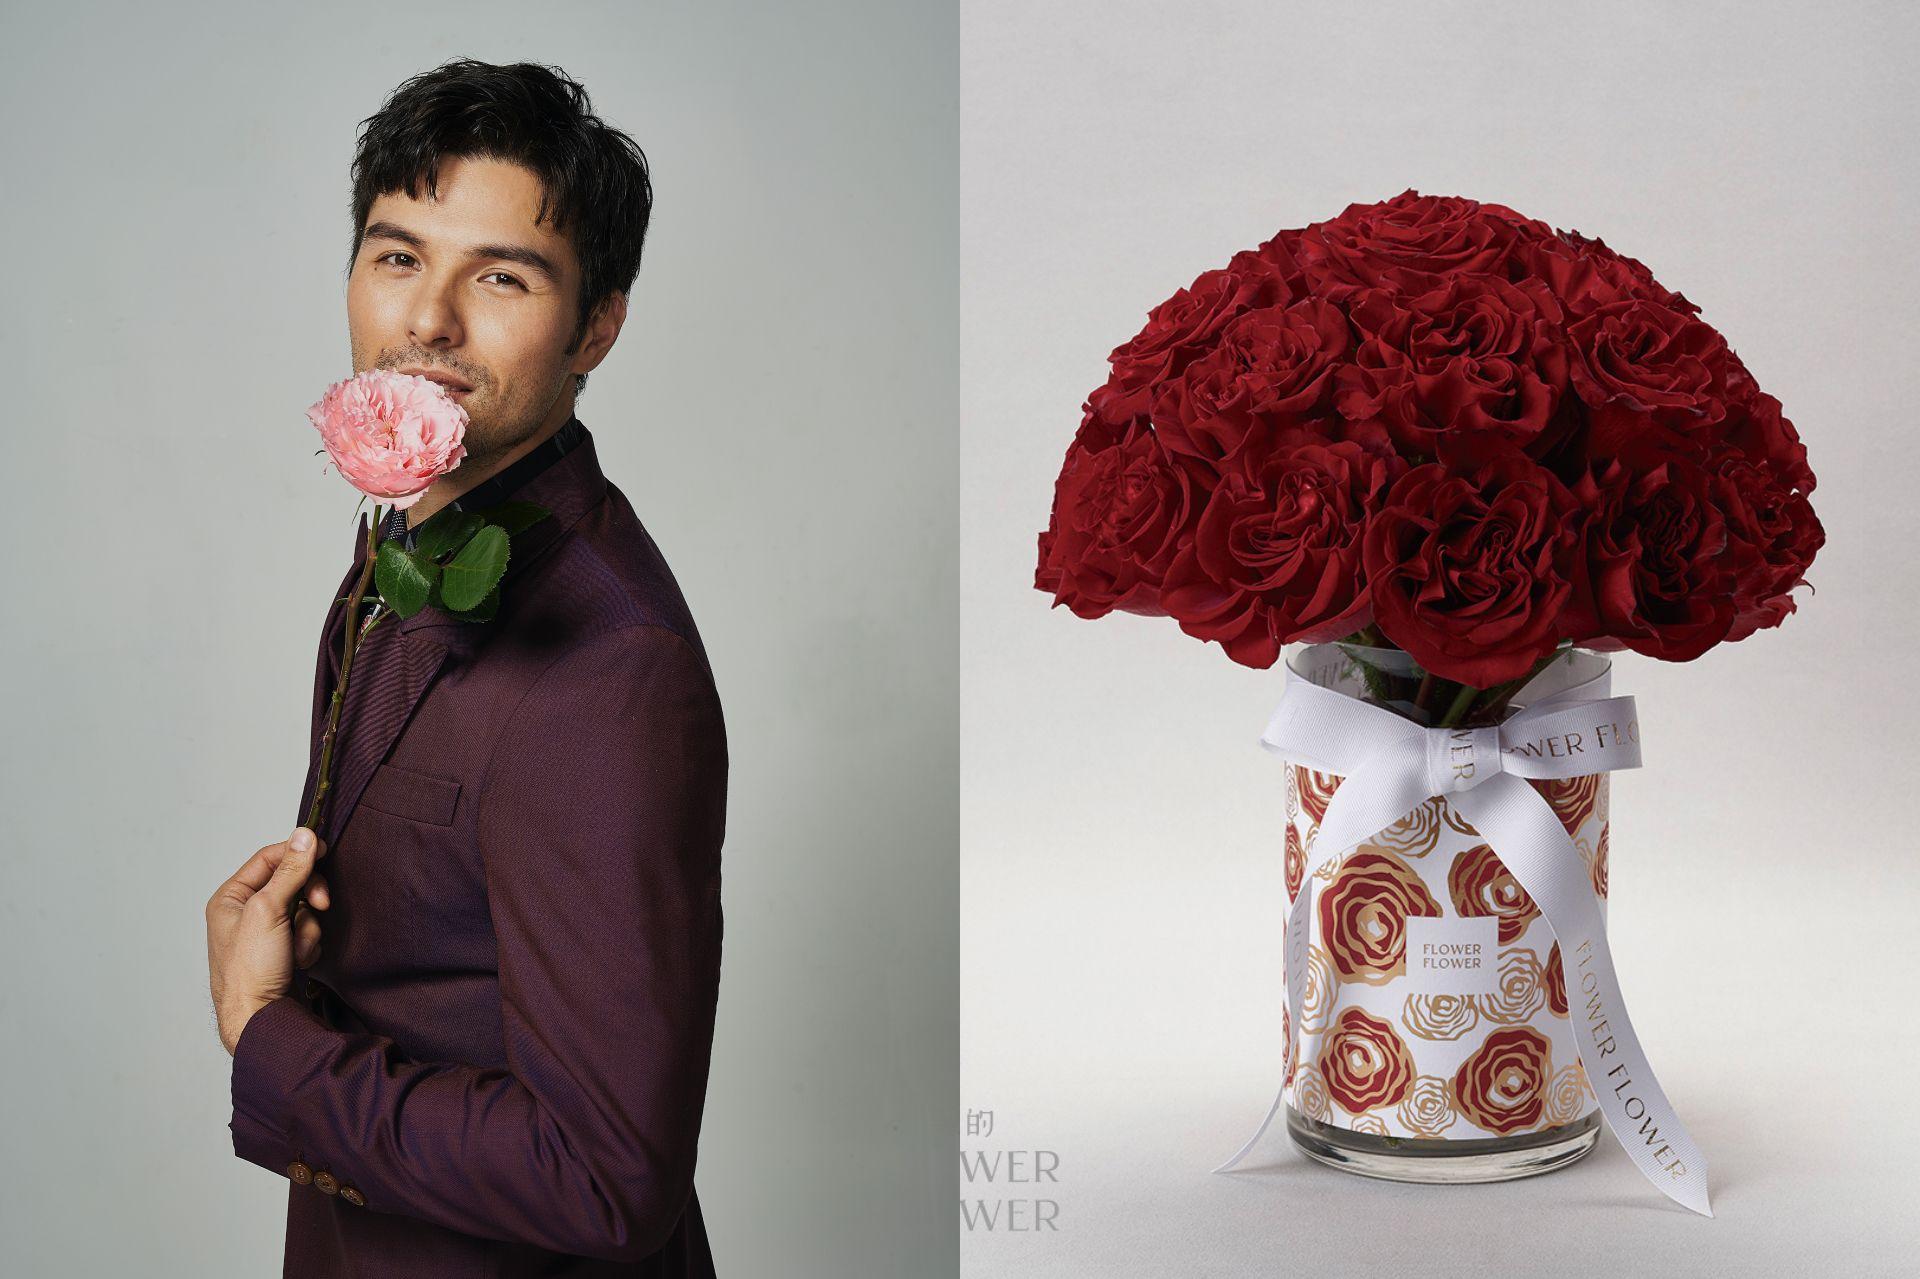 鳳小岳的真心告白:「對於最愛的人,我願意送上全世界最珍貴的玫瑰花給她,在我們每一個特別的日子裡。」